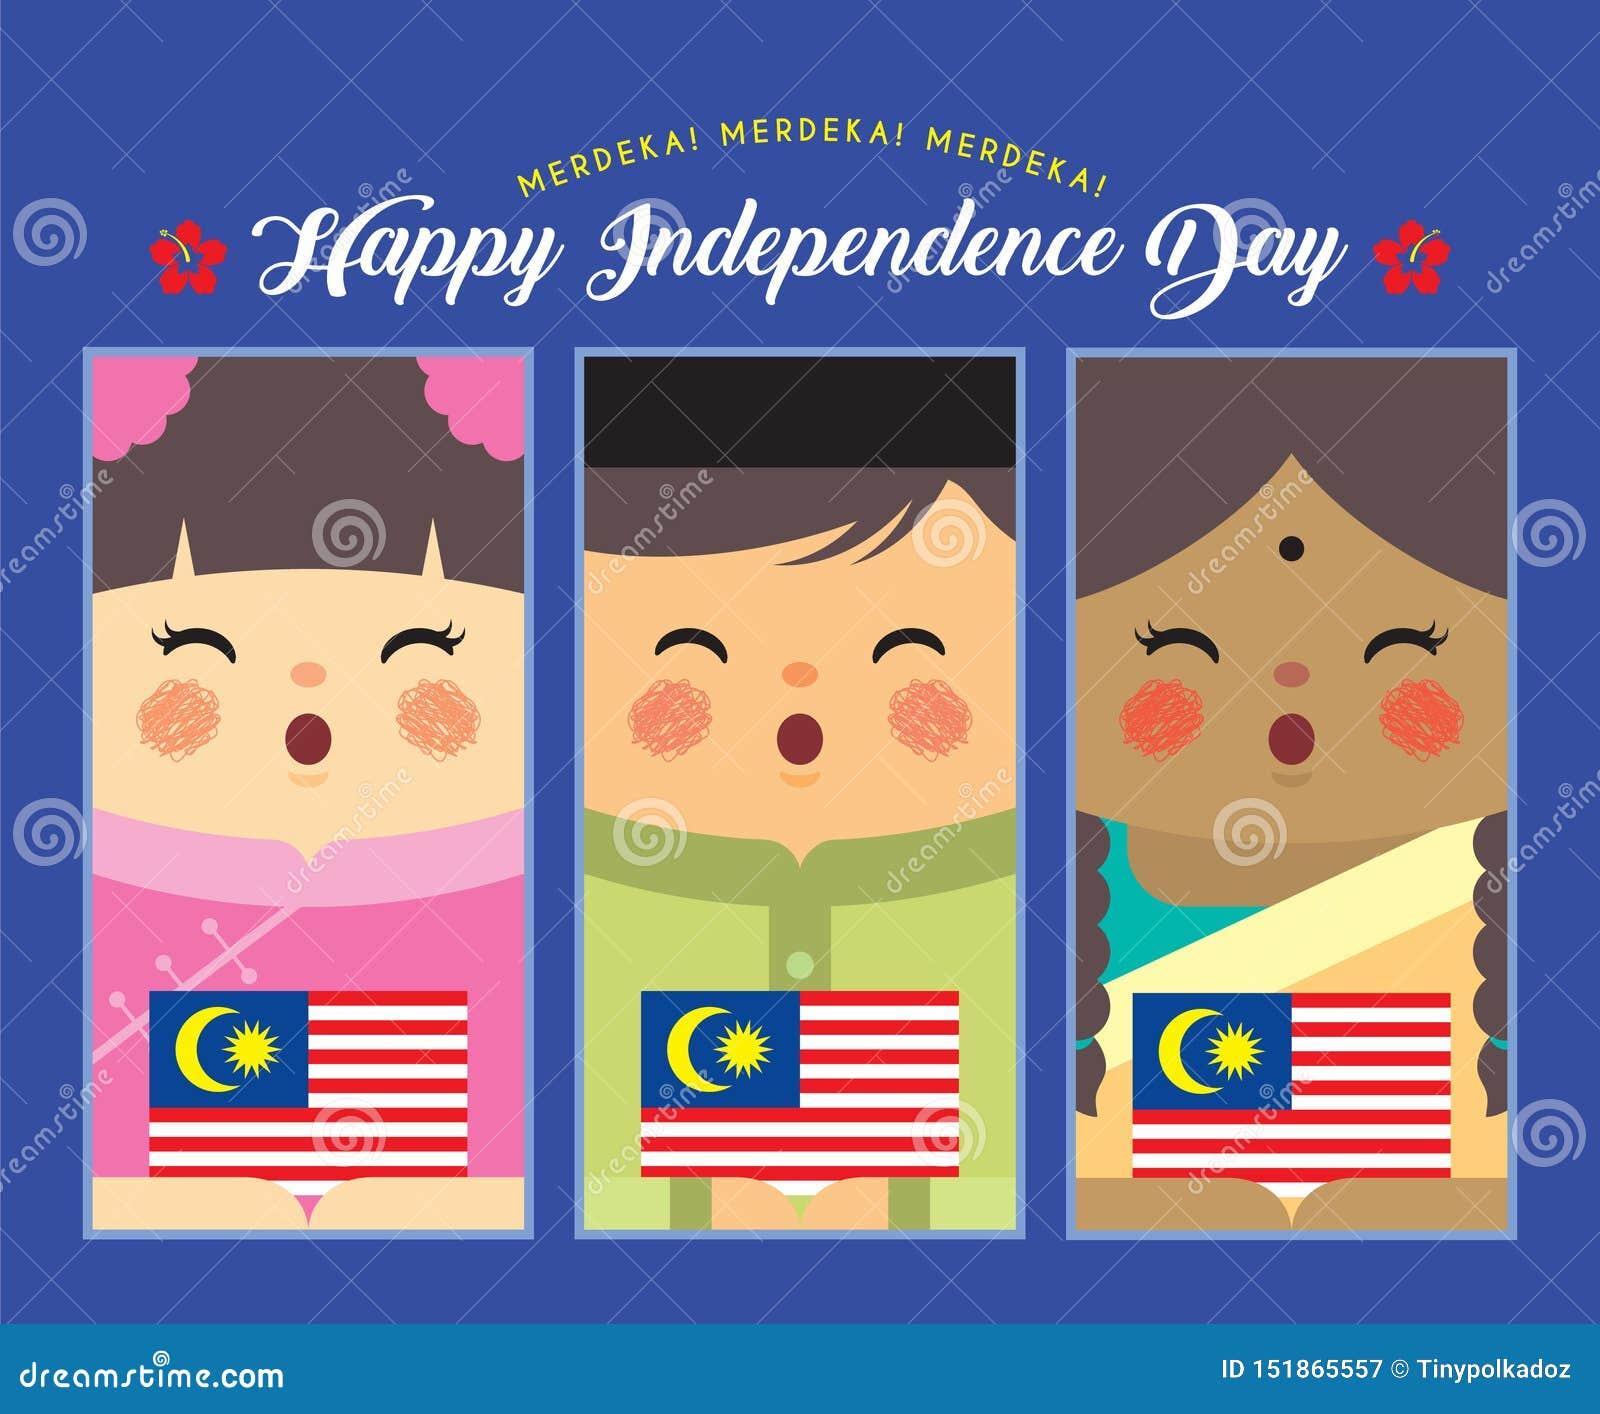 Ημέρα της ανεξαρτησίας της Μαλαισίας - της Μαλαισίας, ινδική & κινεζική σημαία της Μαλαισίας εκμετάλλευσης κινούμενων σχεδίων